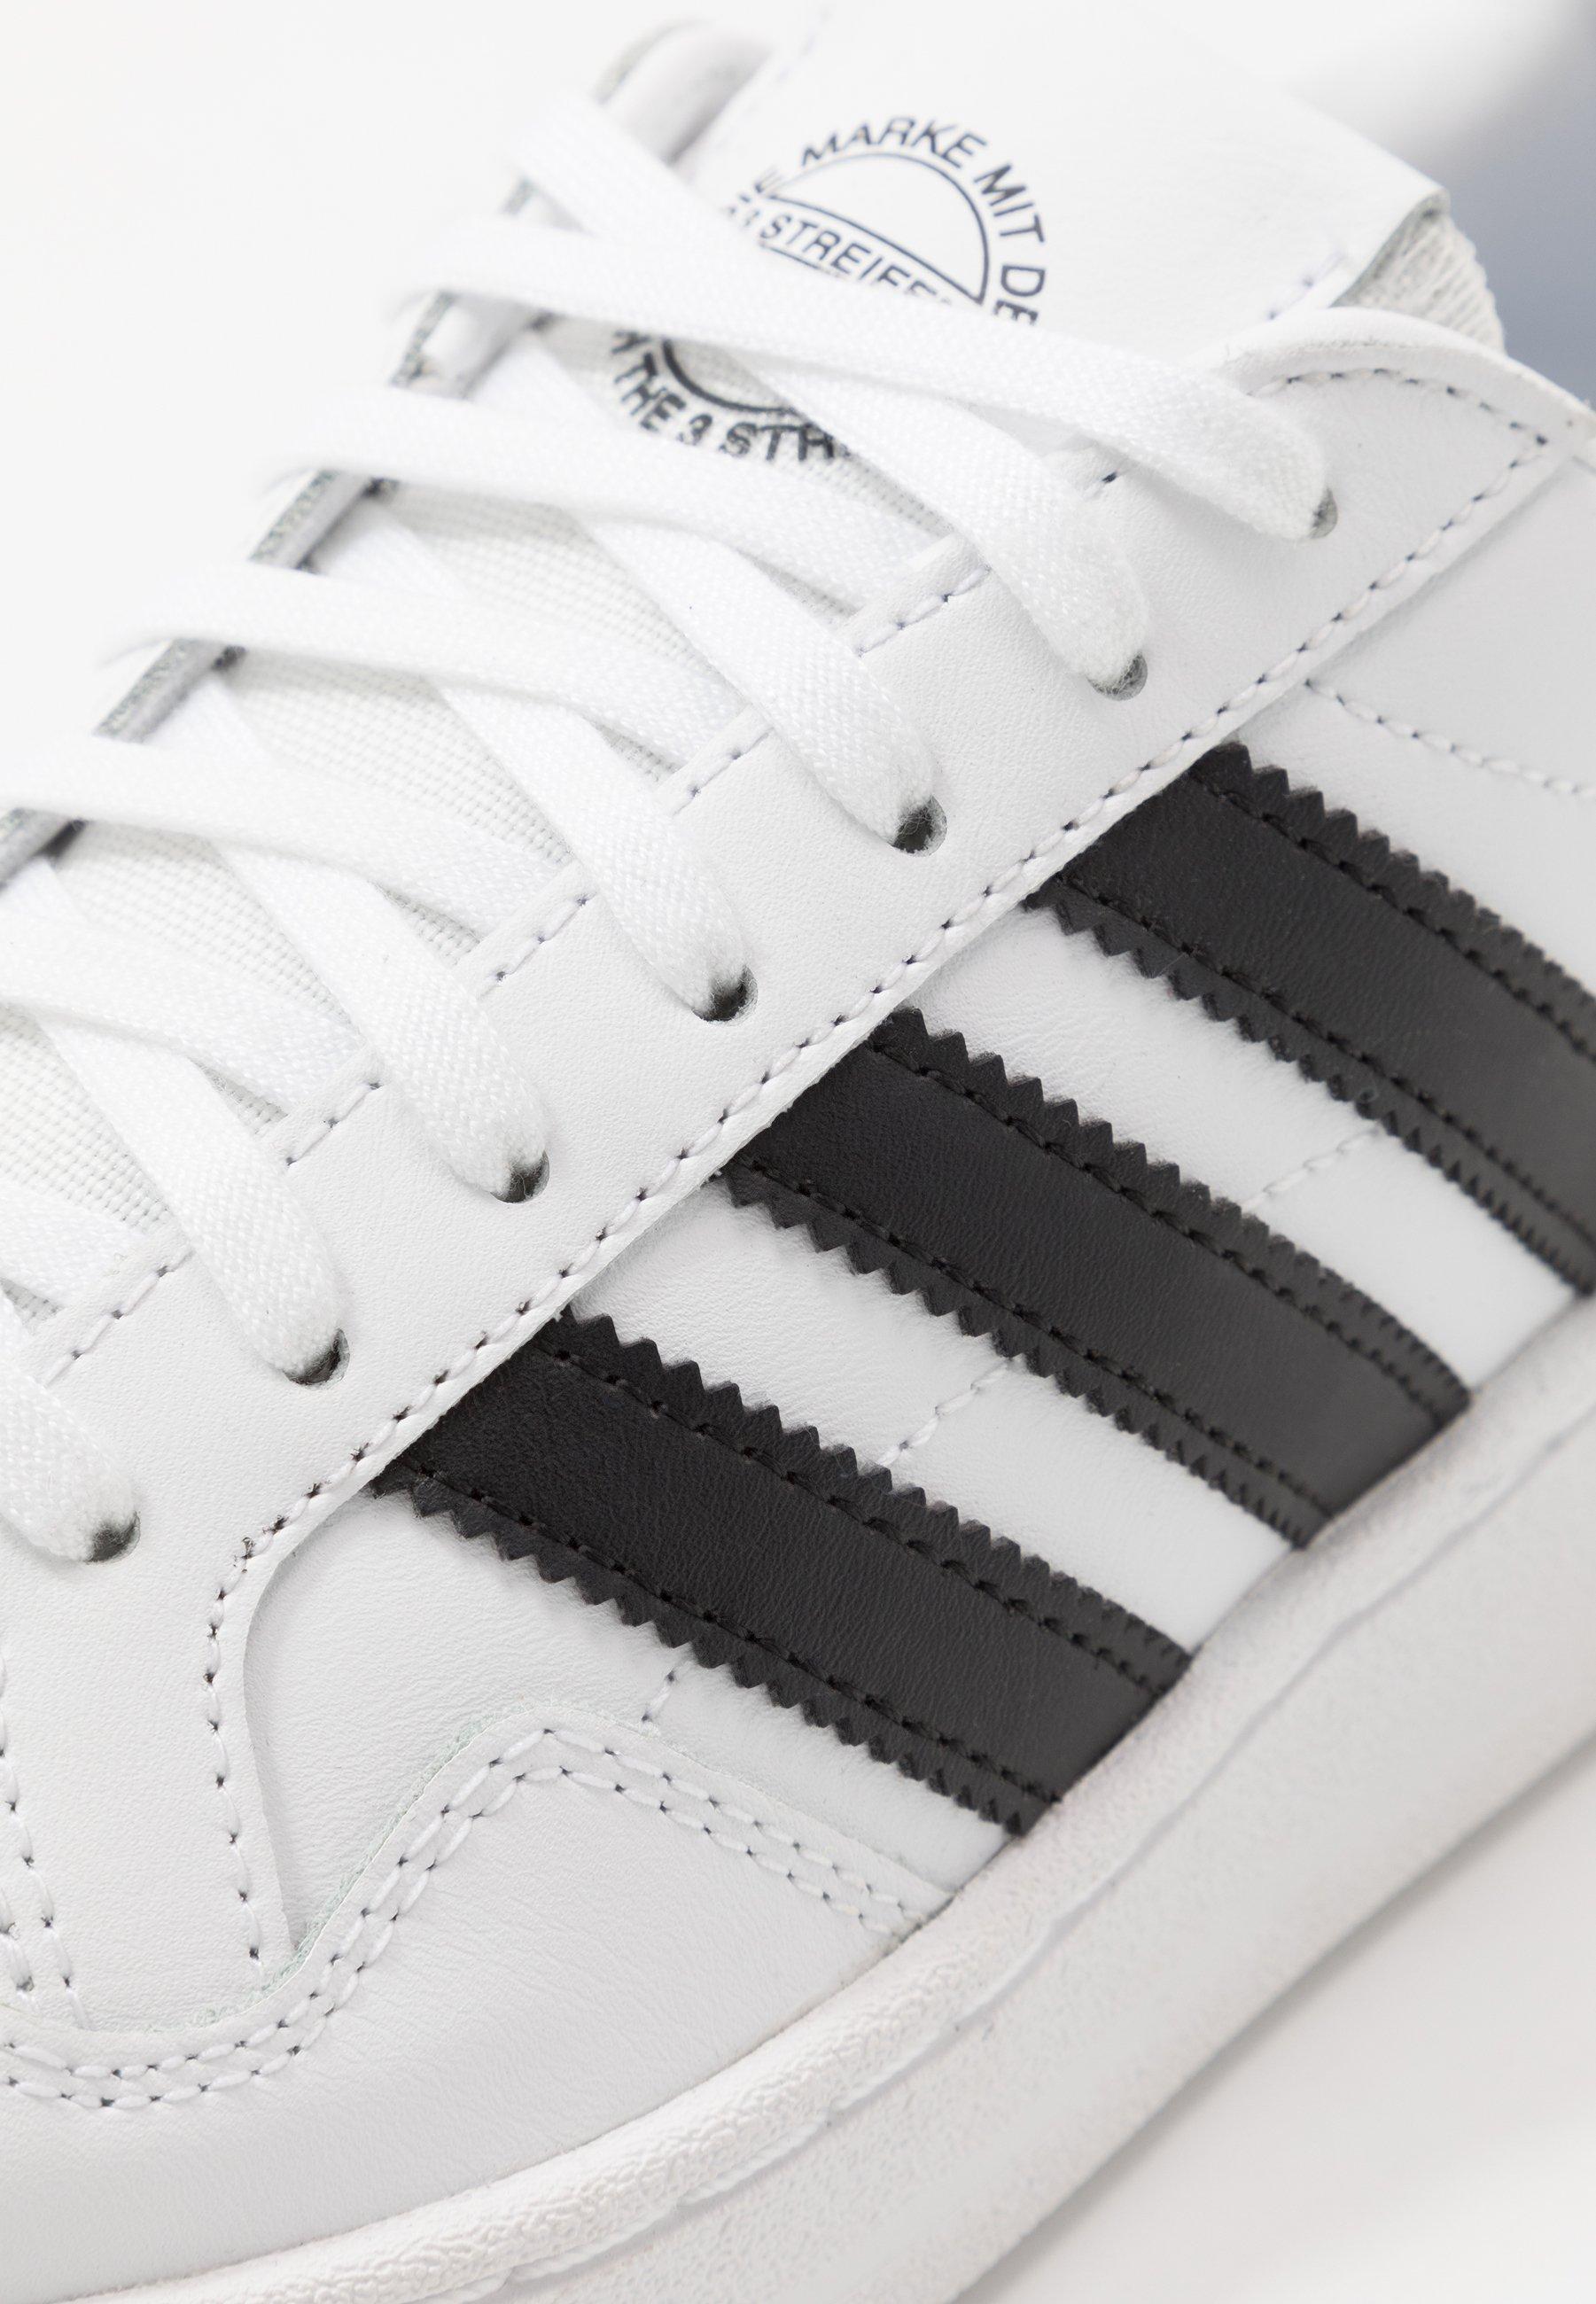 Les mieux notés Meilleurs prix adidas Originals TEAM COURT  Baskets basses footwear white/core black aUypn